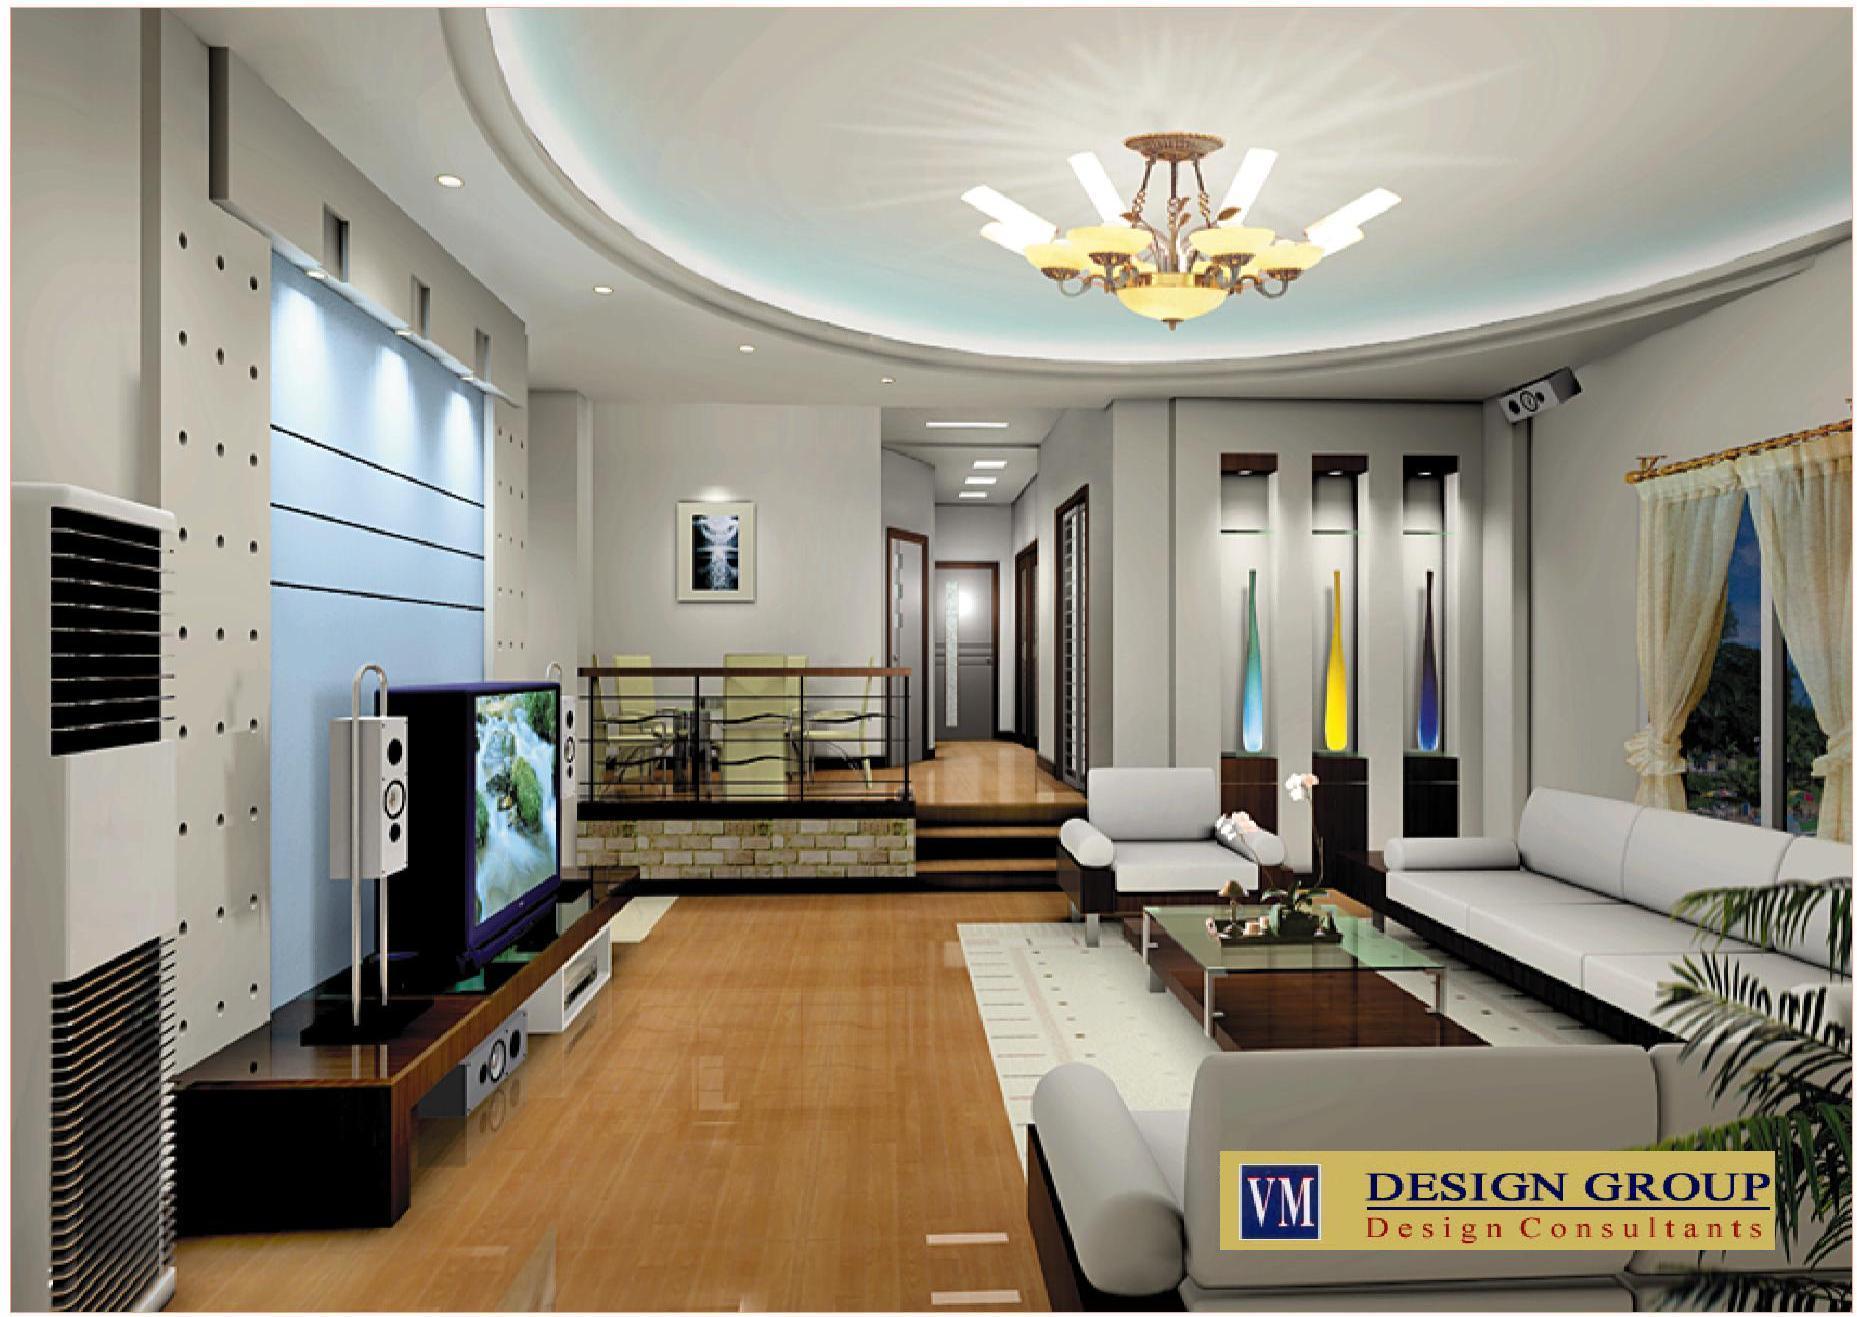 Interior architecture interior_design_delhi1.jpg1857x1317 254 kb SSBBYVU